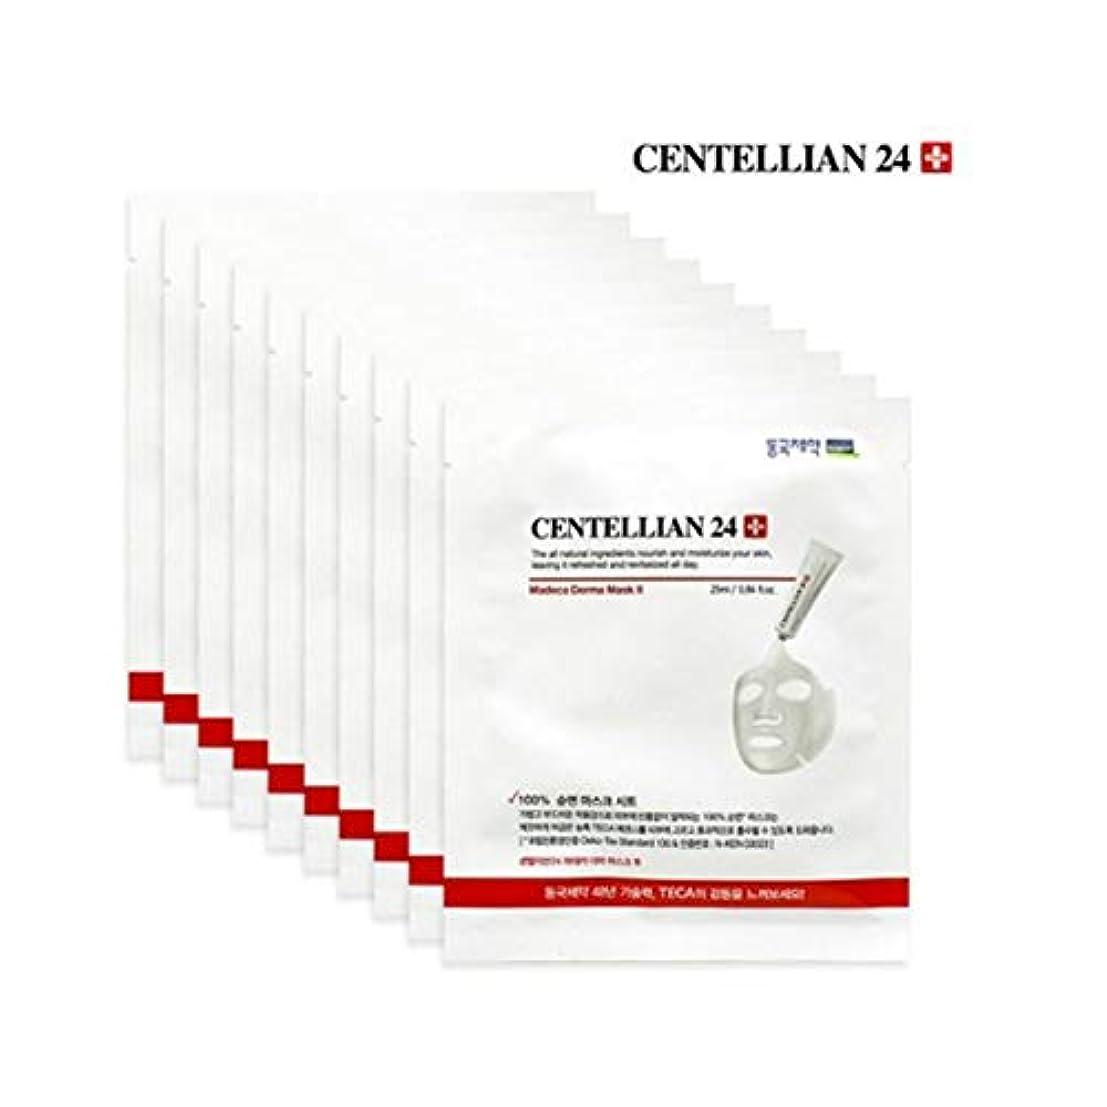 近代化スカルク棚センテルリアン24マデカードママスクパック10枚肌の保湿、Centellian24 Madeca Derma Mask Pack 10 Sheets Skin Moisturizing [並行輸入品]